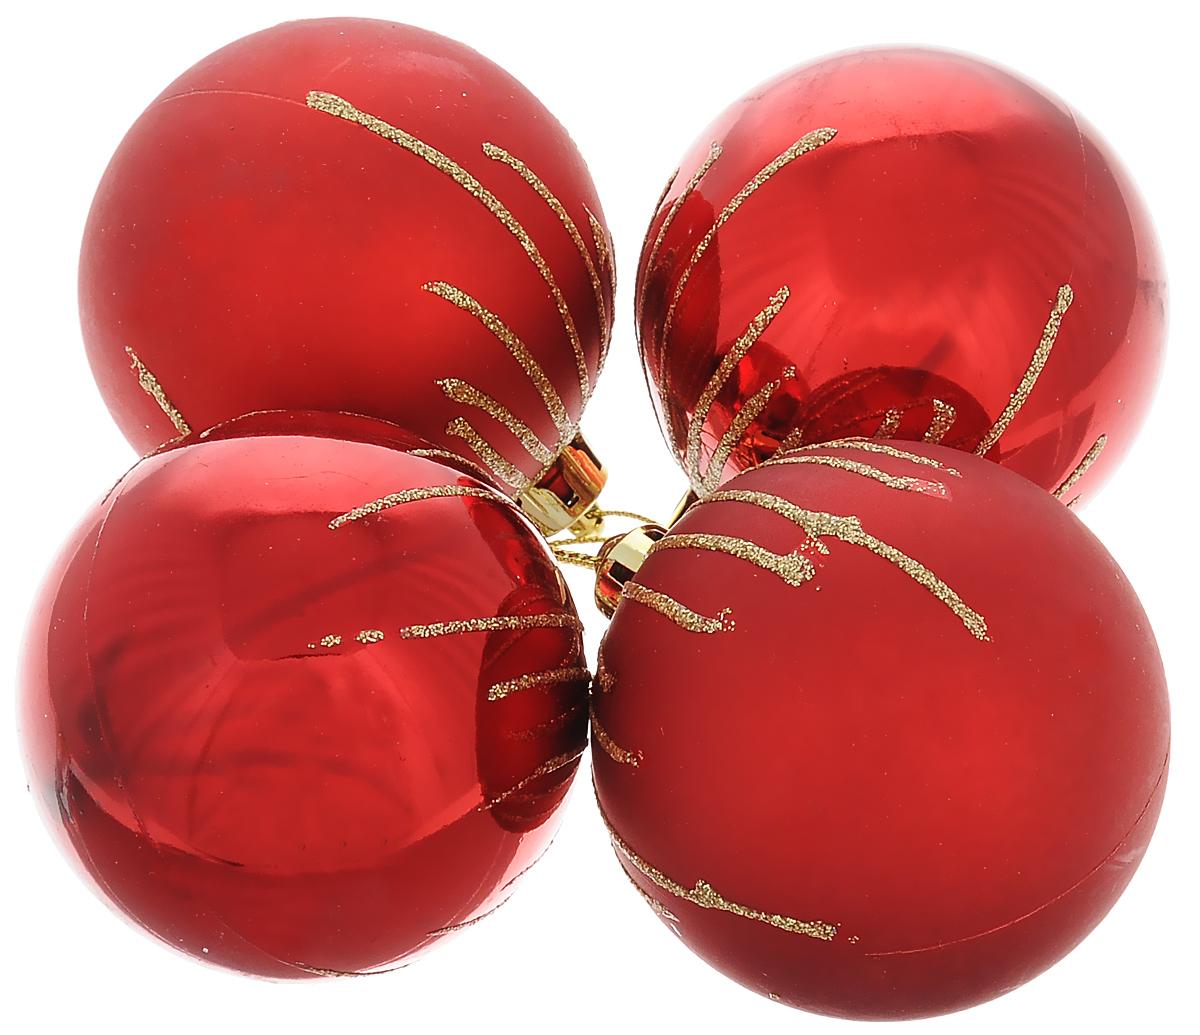 Набор новогодних подвесных украшений Lunten Ranta Праздничный салют, цвет: красный, диаметр 6 см, 4 шт65301Набор новогодних подвесных украшений Lunten Ranta Праздничный салют прекрасно подойдет для праздничного декора ели. Набор состоит из 4 пластиковых украшений в виде шаров, декорированных блестками. Для удобного размещения на елке для каждого украшения предусмотрена петелька. Елочная игрушка - символ Нового года. Она несет в себе волшебство и красоту праздника. Создайте в своем доме атмосферу веселья и радости, украшая новогоднюю елку нарядными игрушками, которые будут из года в год накапливать теплоту воспоминаний. Откройте для себя удивительный мир сказок и грез. Почувствуйте волшебные минуты ожидания праздника, создайте новогоднее настроение вашим дорогим и близким.